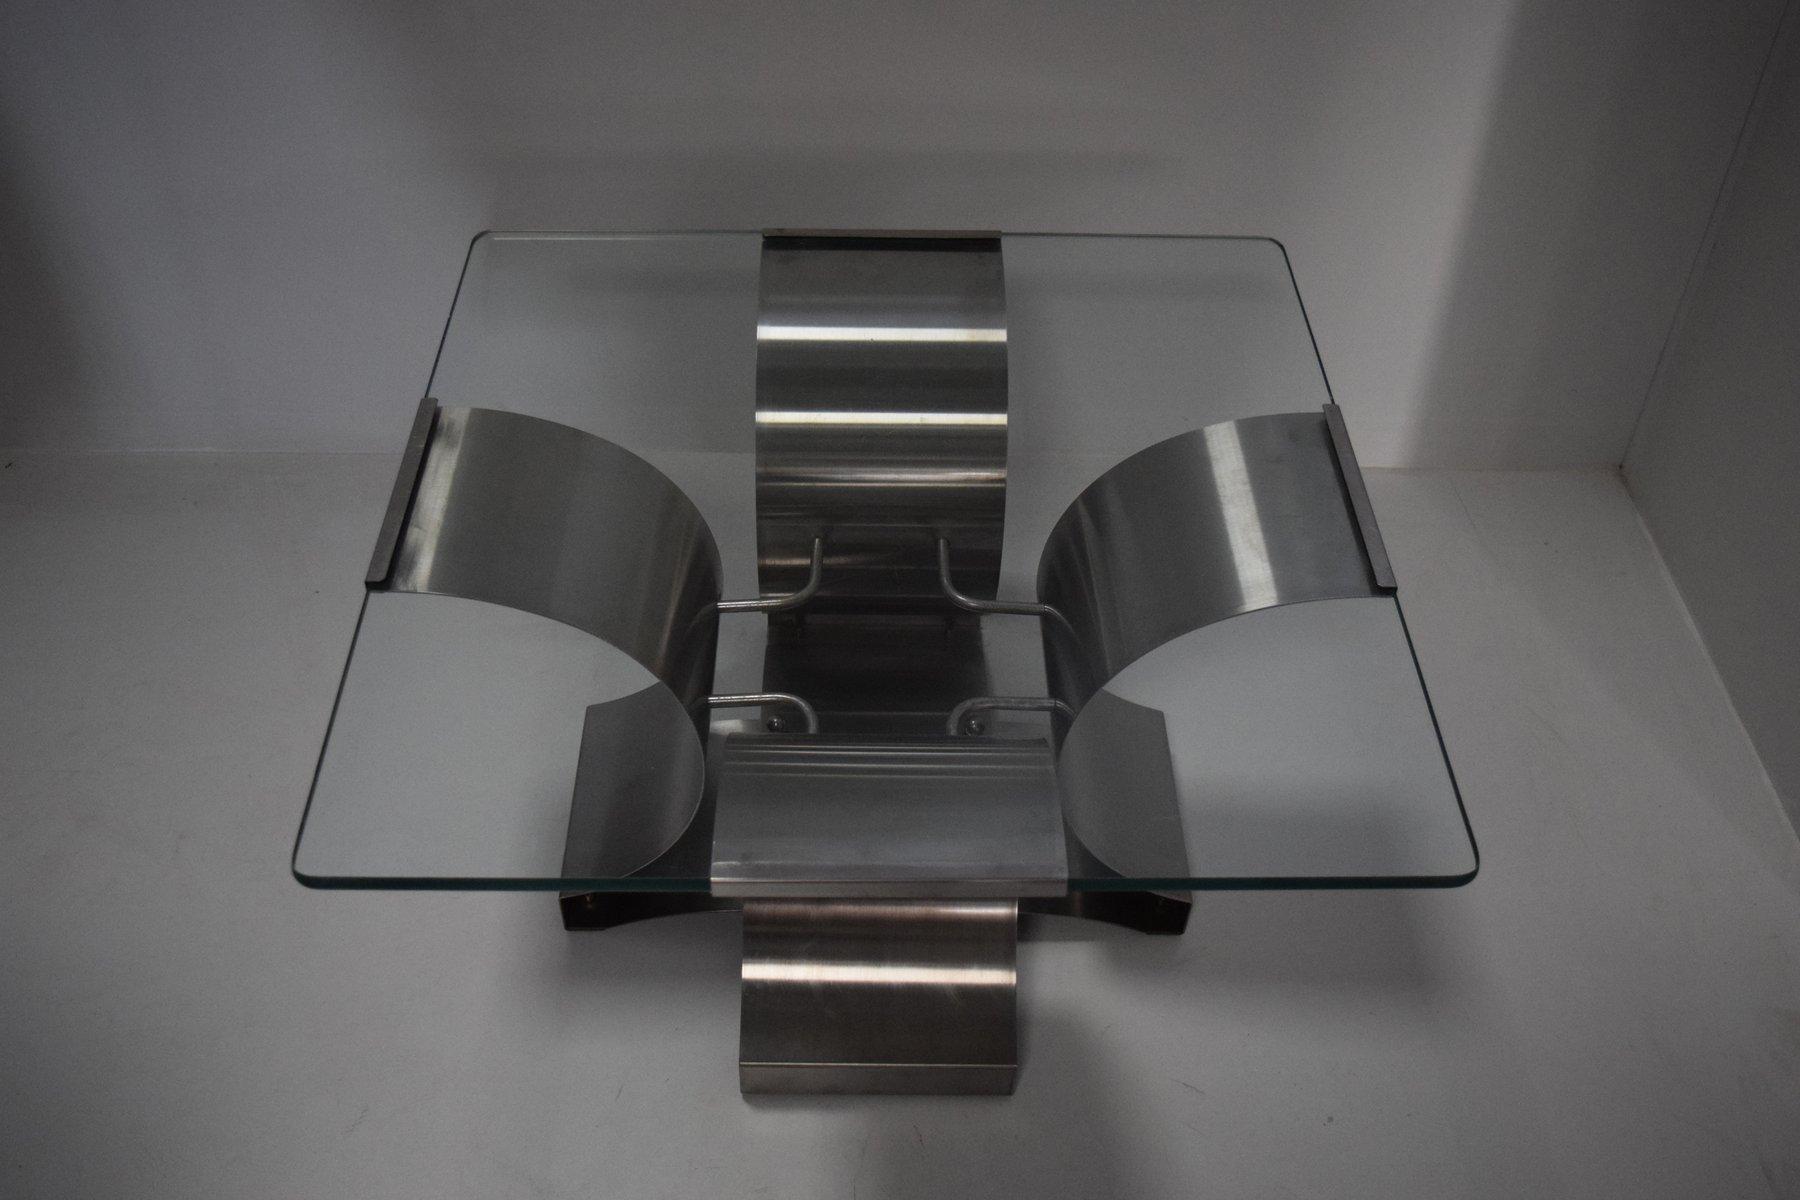 franz sischer stahl glas couchtisch von fran ois monnet 1970er bei pamono kaufen. Black Bedroom Furniture Sets. Home Design Ideas